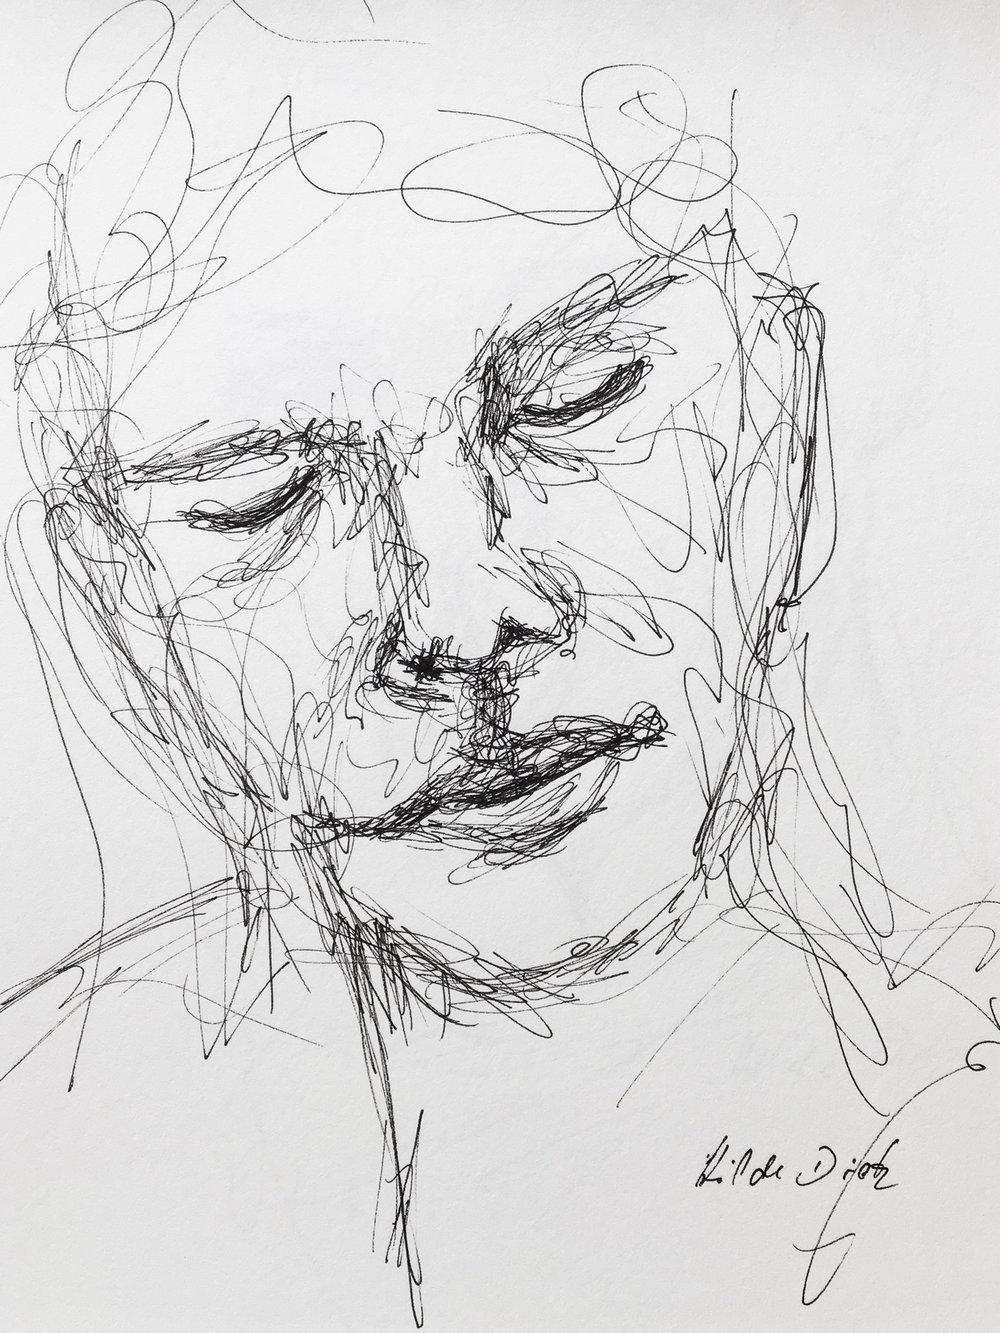 Hilde_Dietz_Menschenbilder_Zeichnung_Skizzen_2_08.jpg